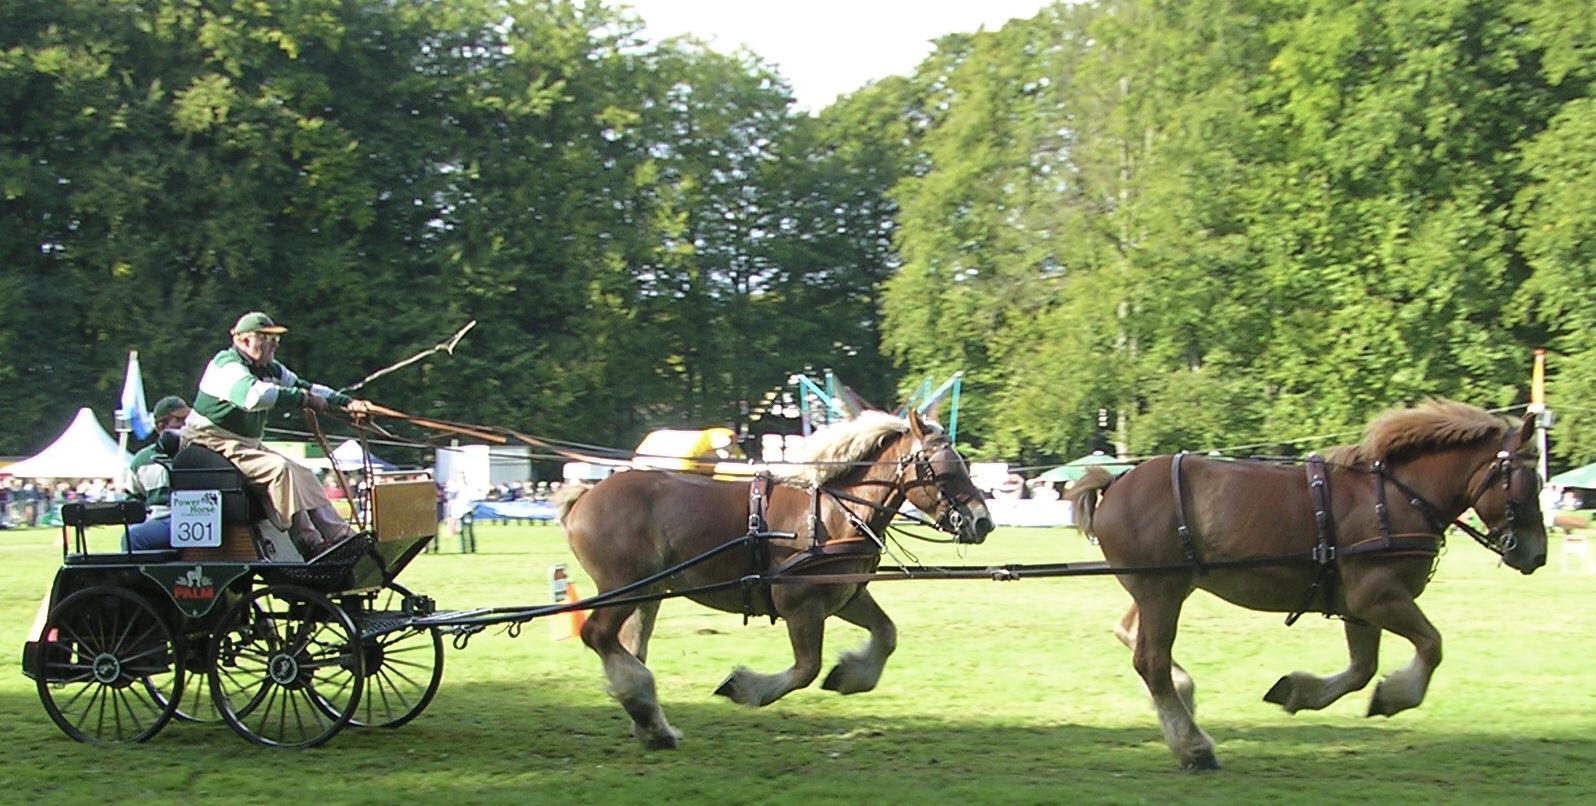 Training working horses Part 4 - Emmanuel de Meulanaer